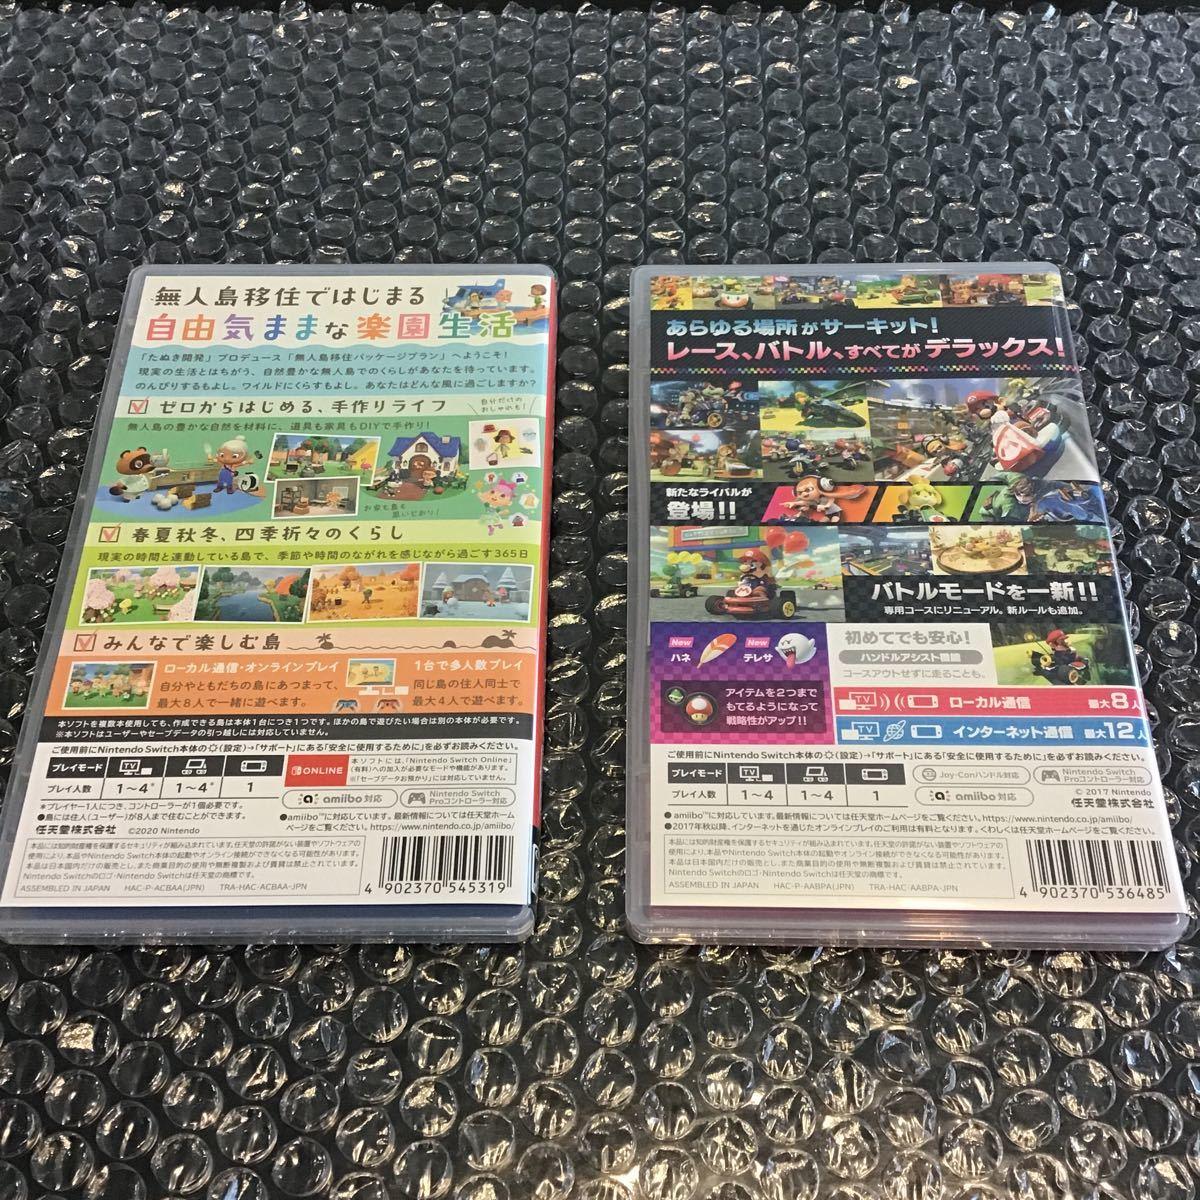 あつまれどうぶつの森 + マリオカート8デラックス Nintendo Switch 全国送料無料!ニンテンドースイッチ ソフト 追跡あり。美品。_画像2